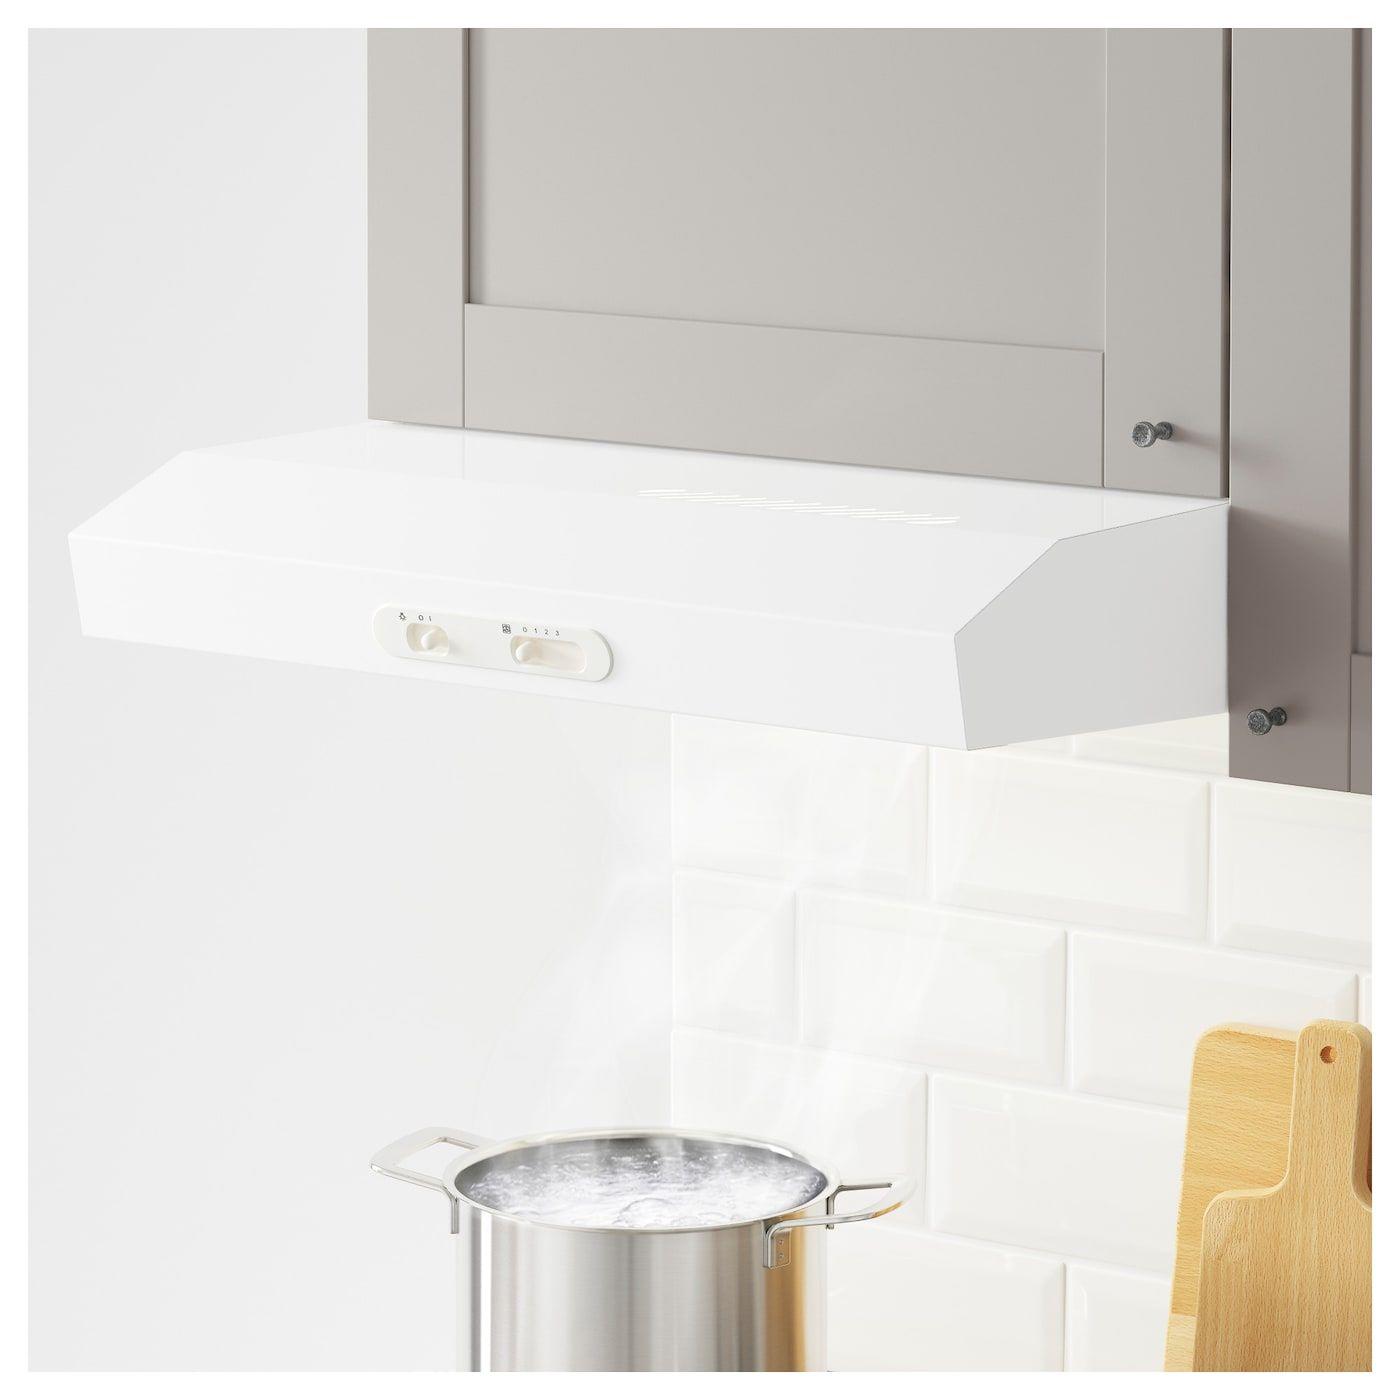 Knoxhult Wandschrank Mit Tur Grau Wandschrank Graue Kuchen Und Ikea